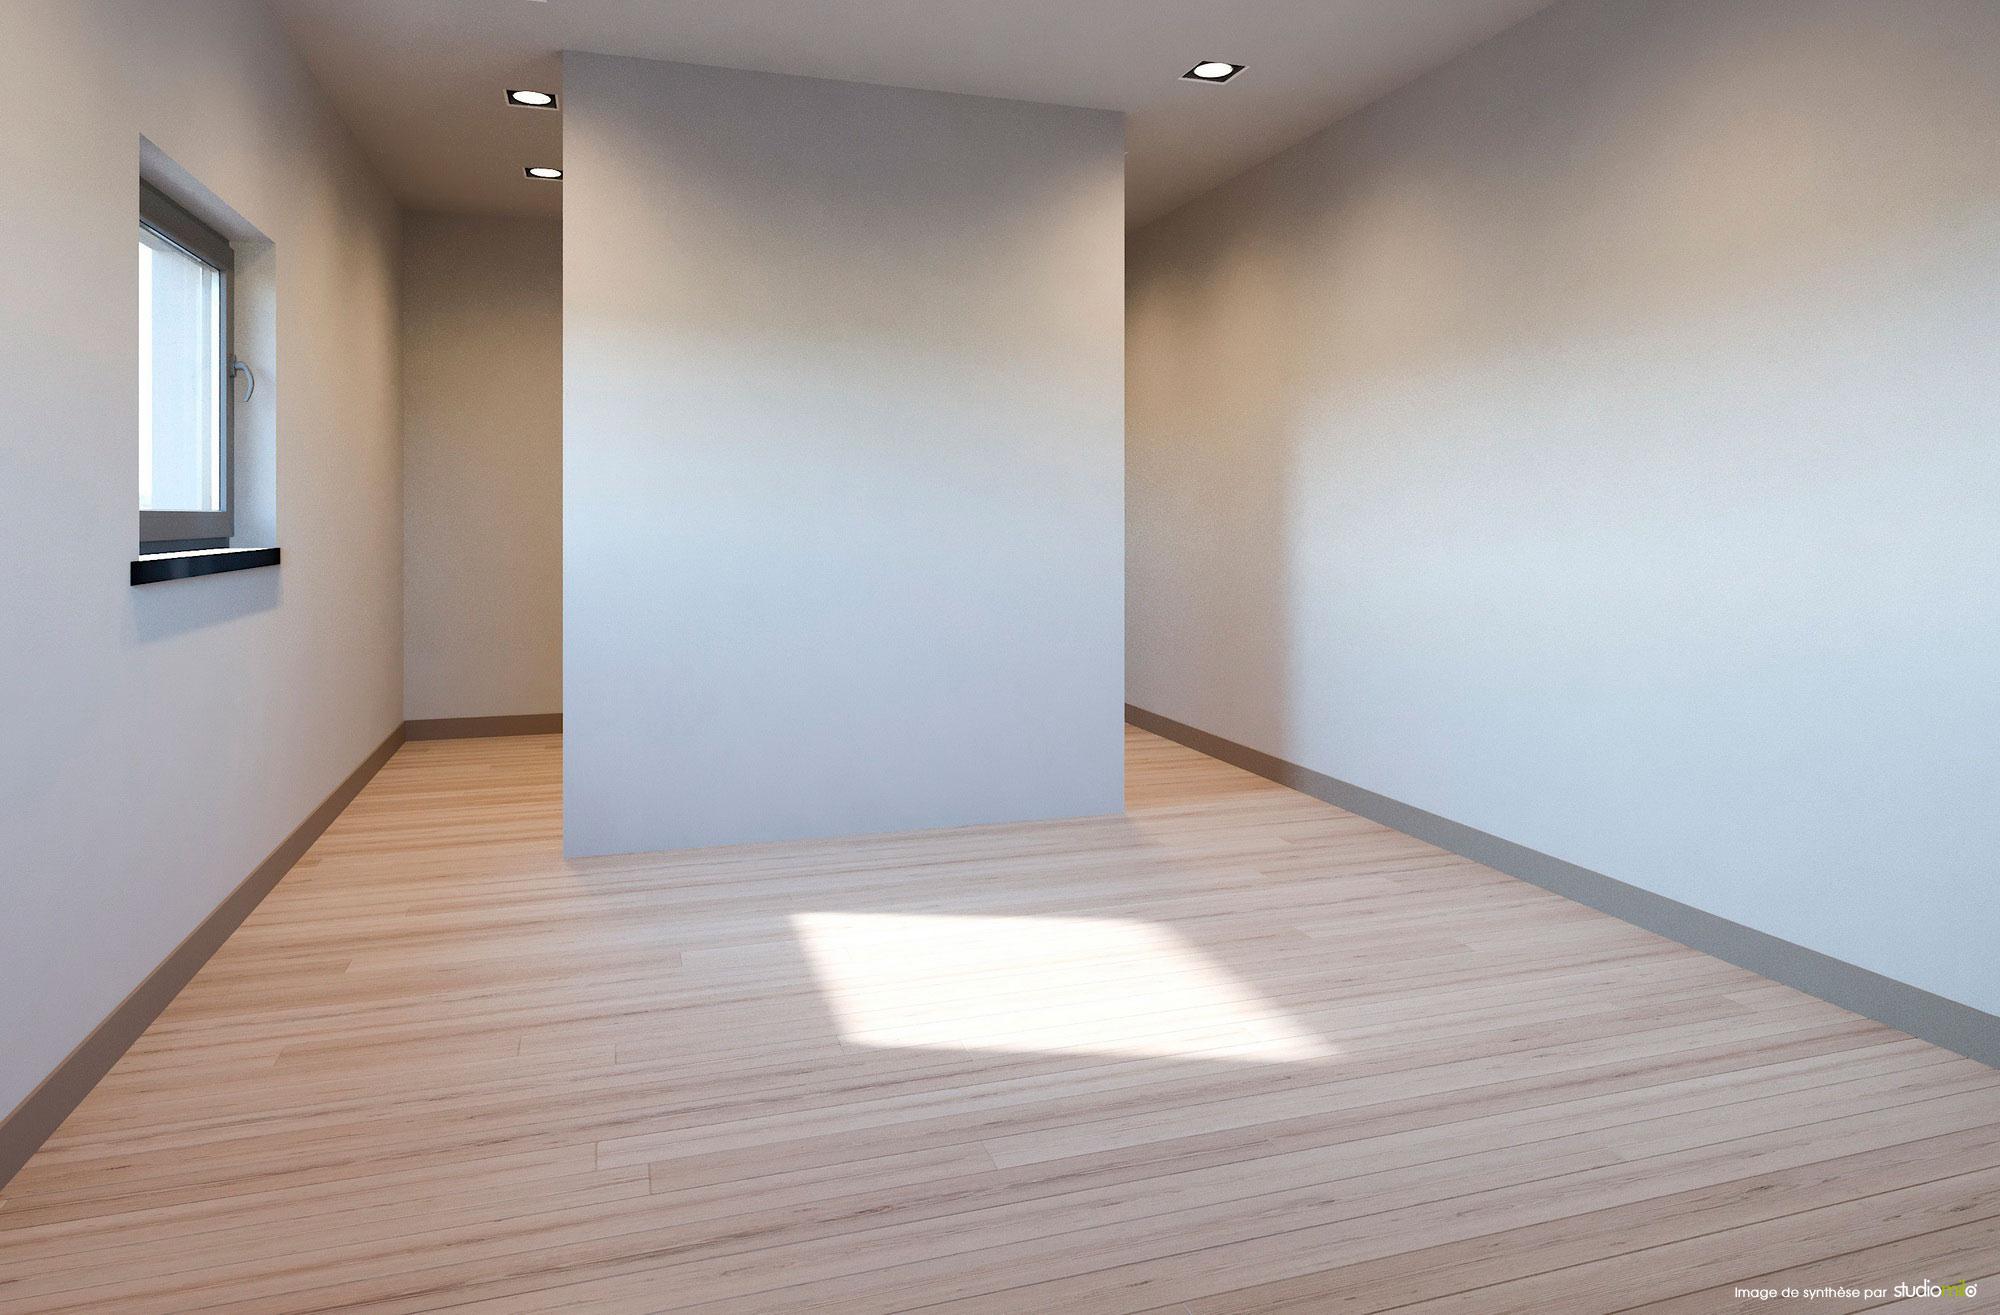 les 5 hêtres chambre sans mobilier